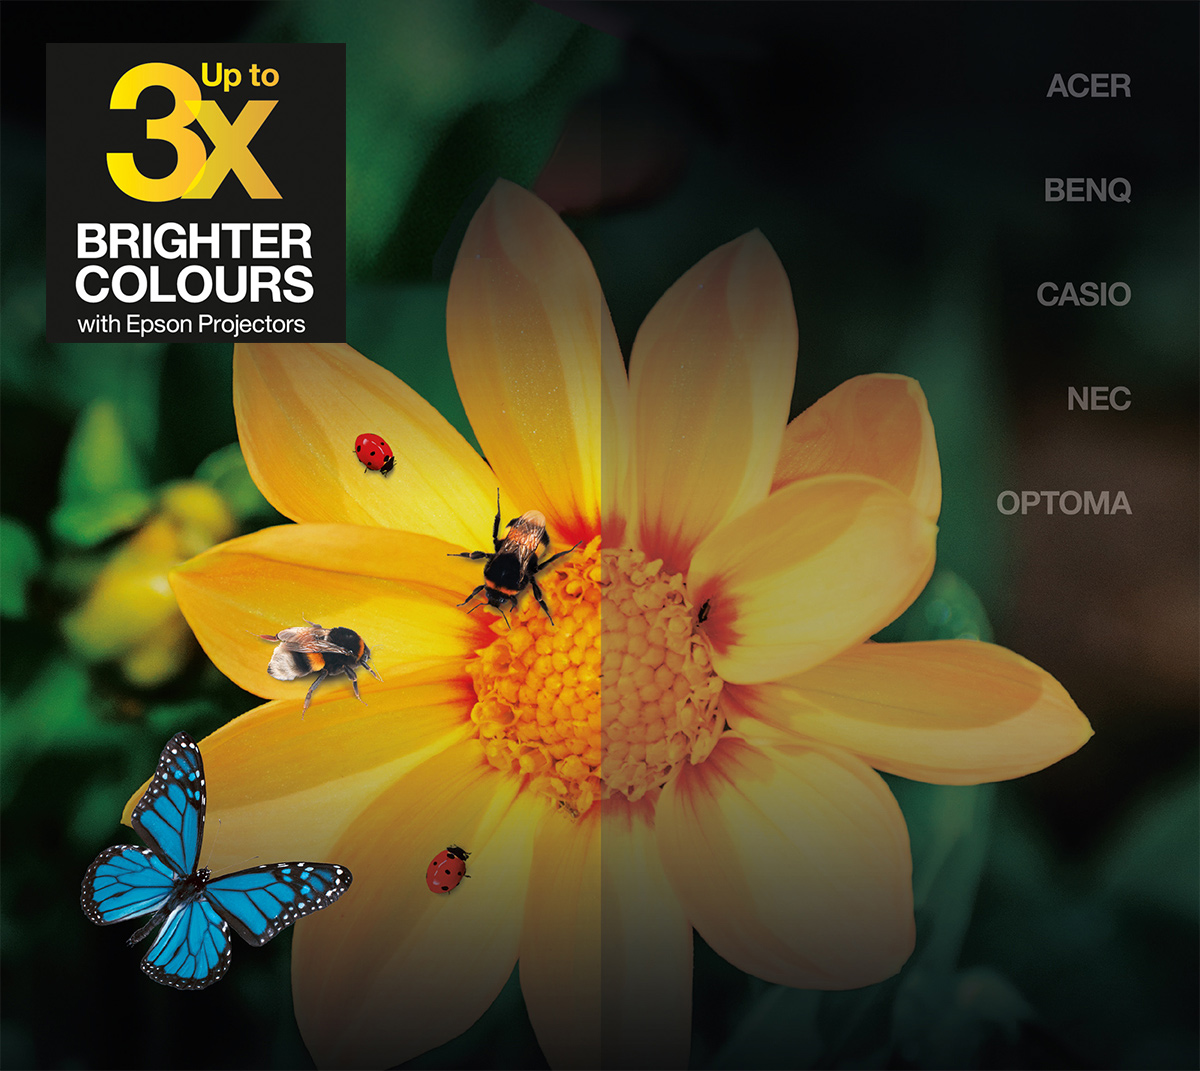 Epson Color Brightness | Jämförelse av Epson-projektorer med andra tillverkare